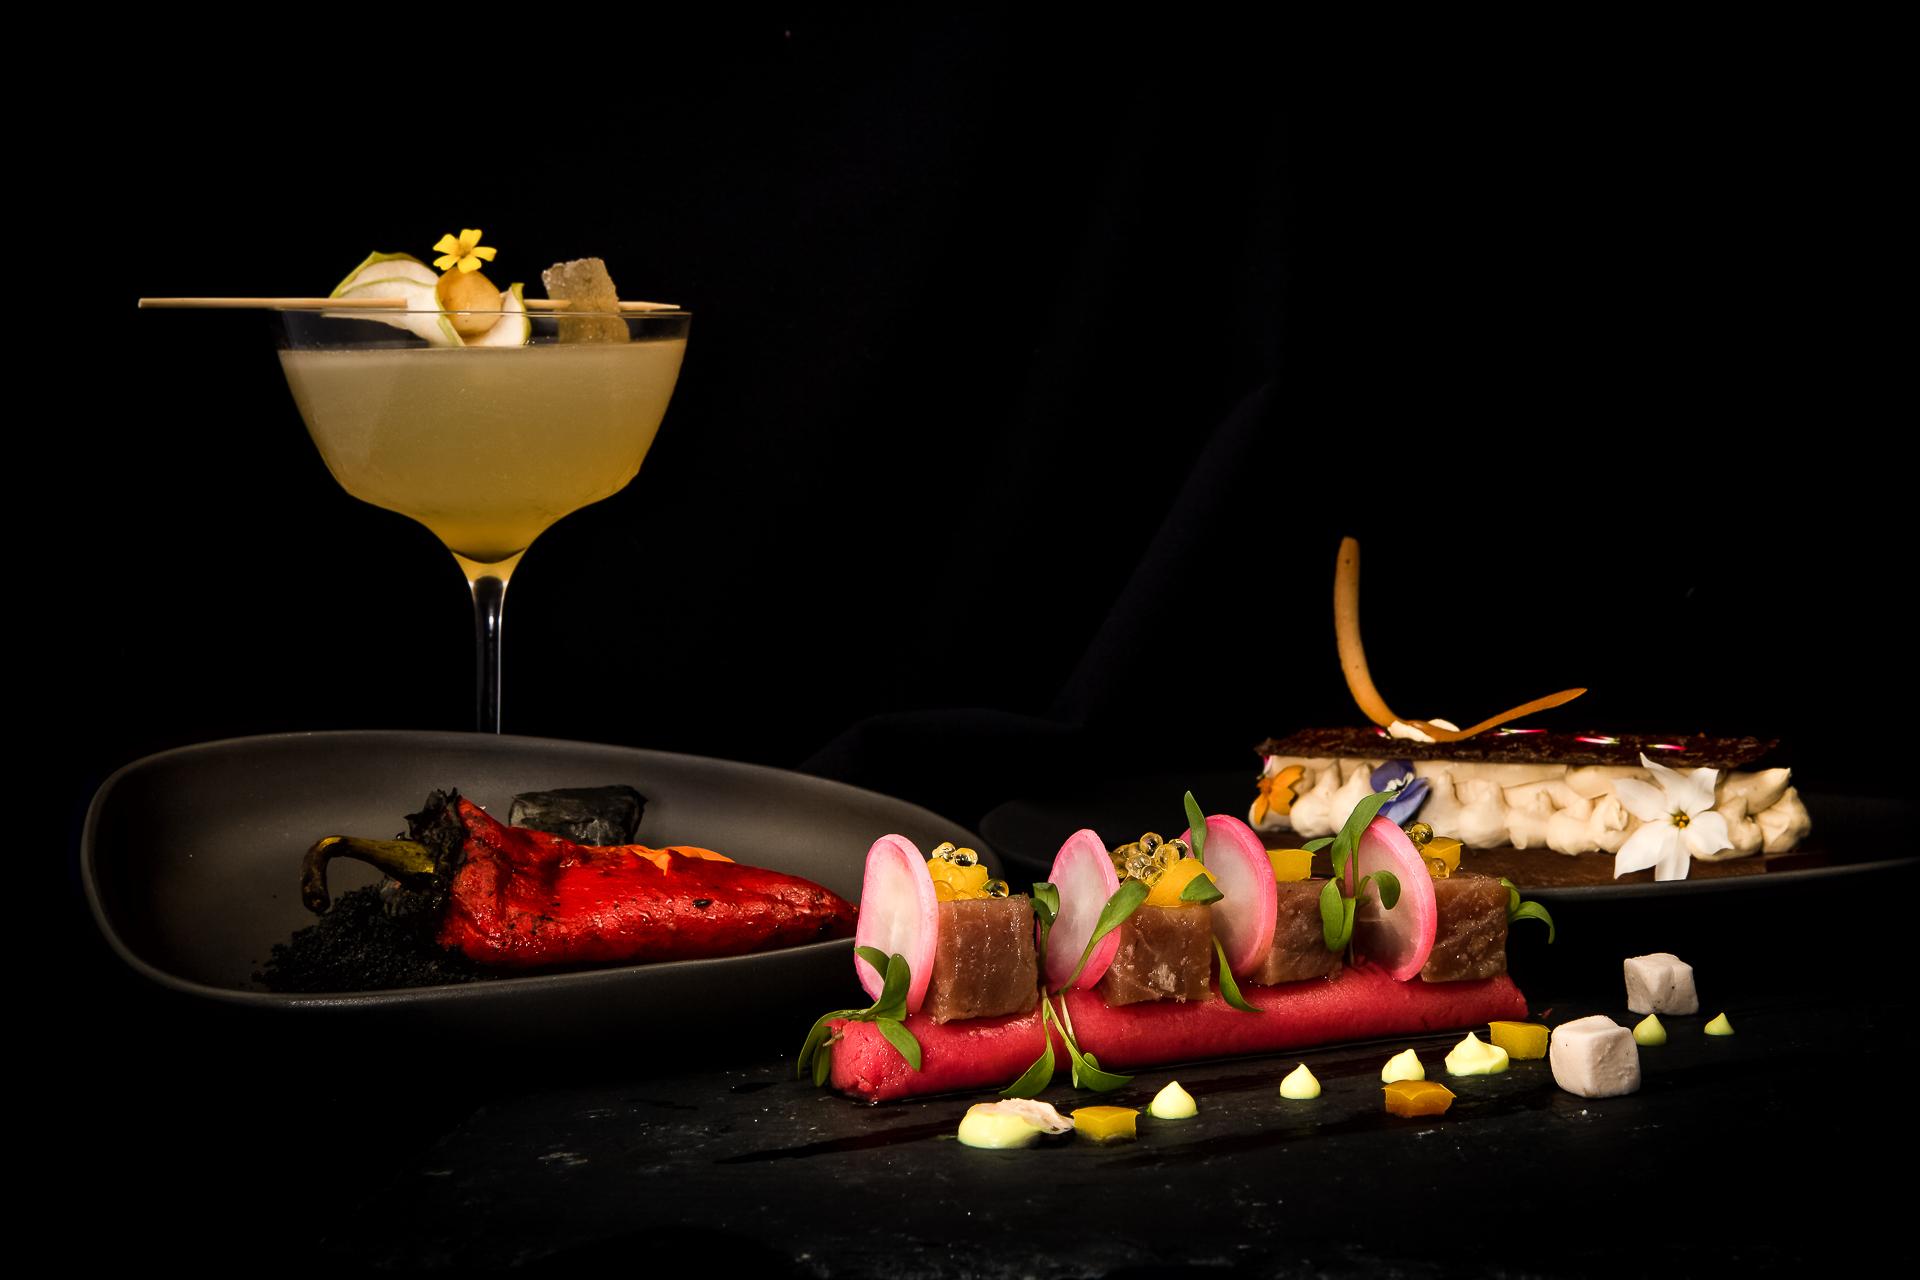 fotografo gastronomico de comida donostia san sebastian